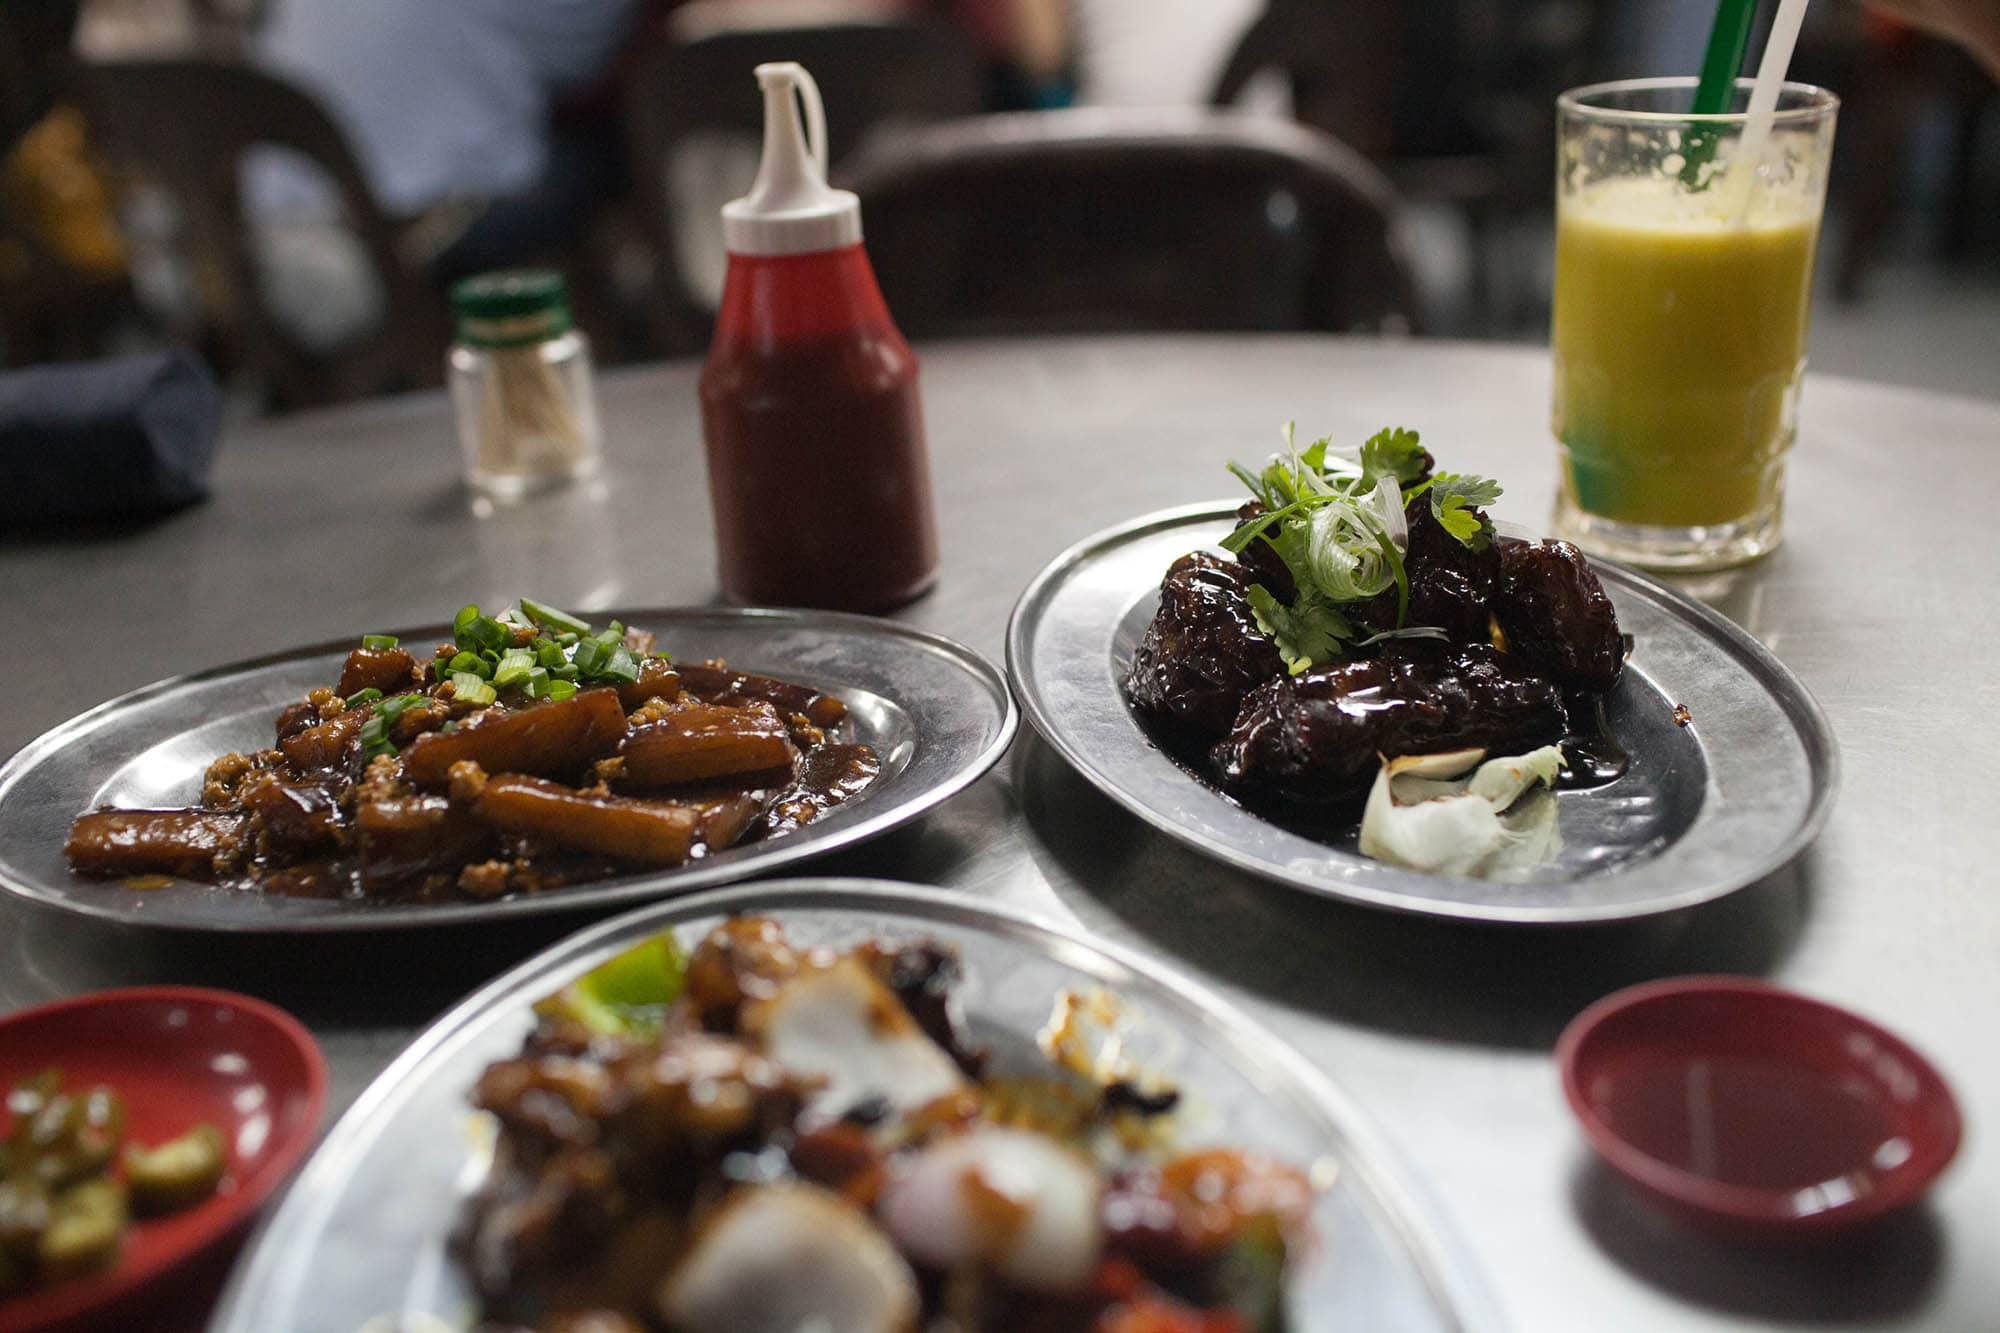 What I ate in Kuala Lumpur, Malaysia